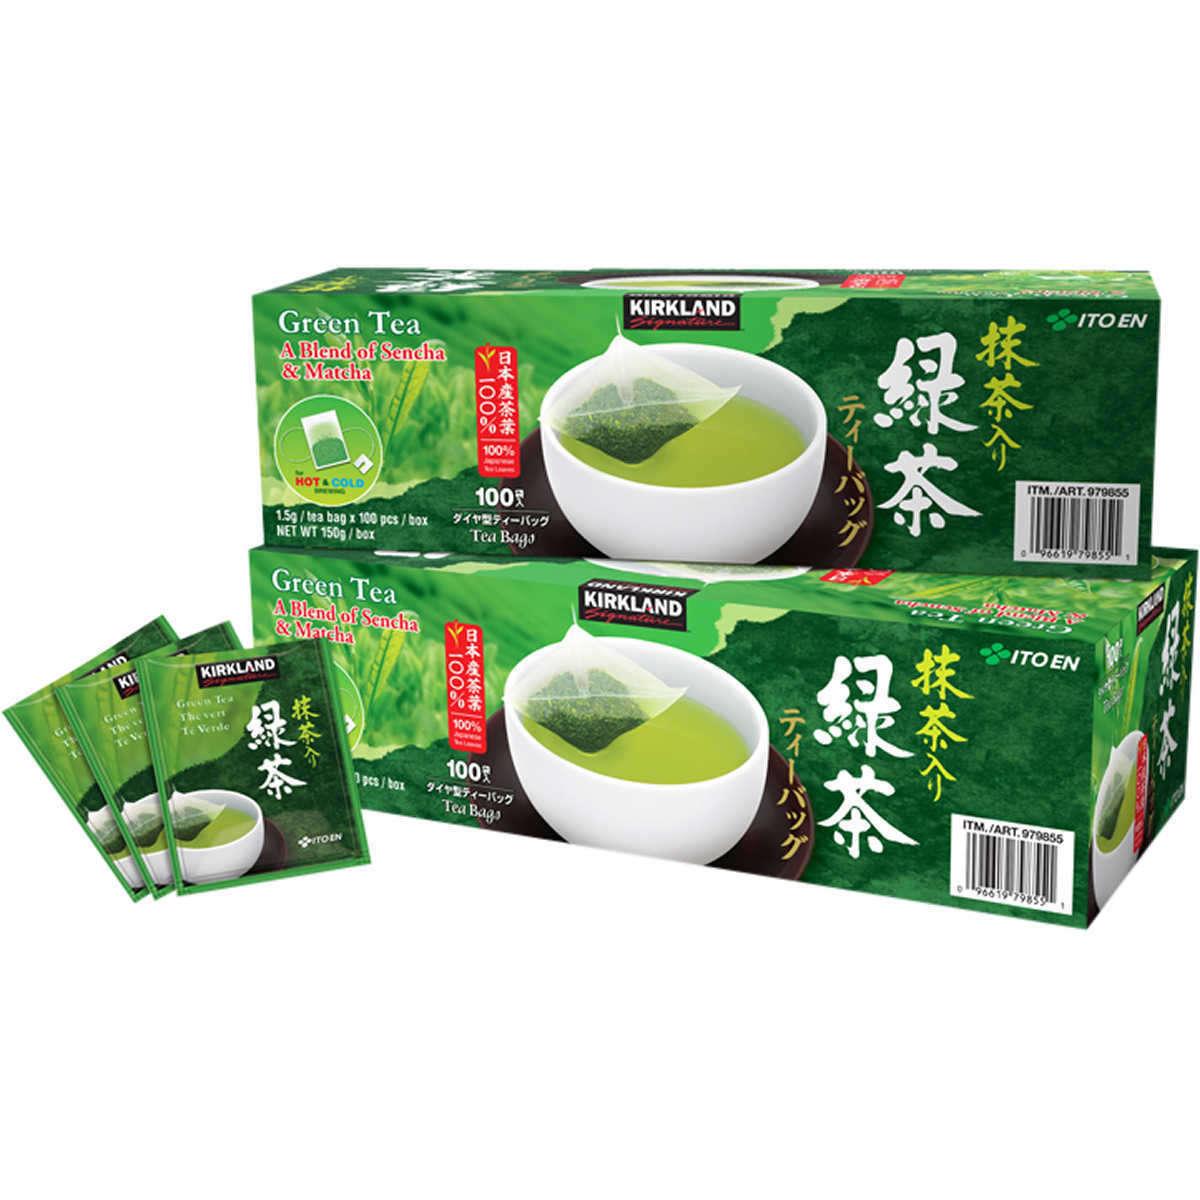 tra xanh kirkland signature green tea a blend of sencha matcha cua my